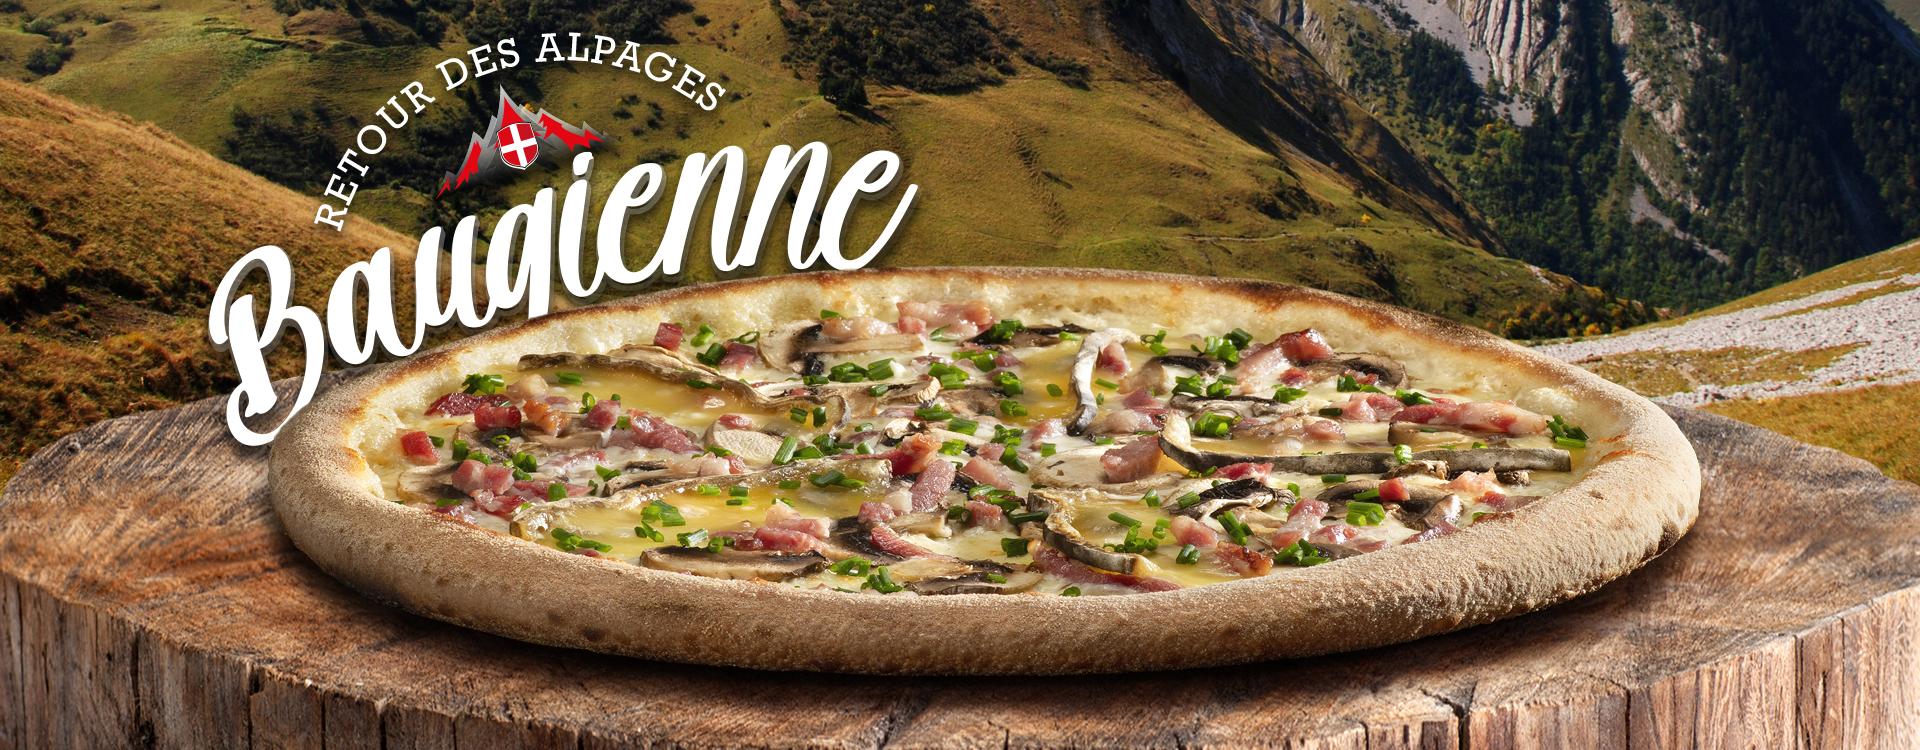 Pizza à l'honneur en septembre : la Baugienne - septembre 2021 - Restaurants Basilic & Co sur un fond de paysage des Bauges